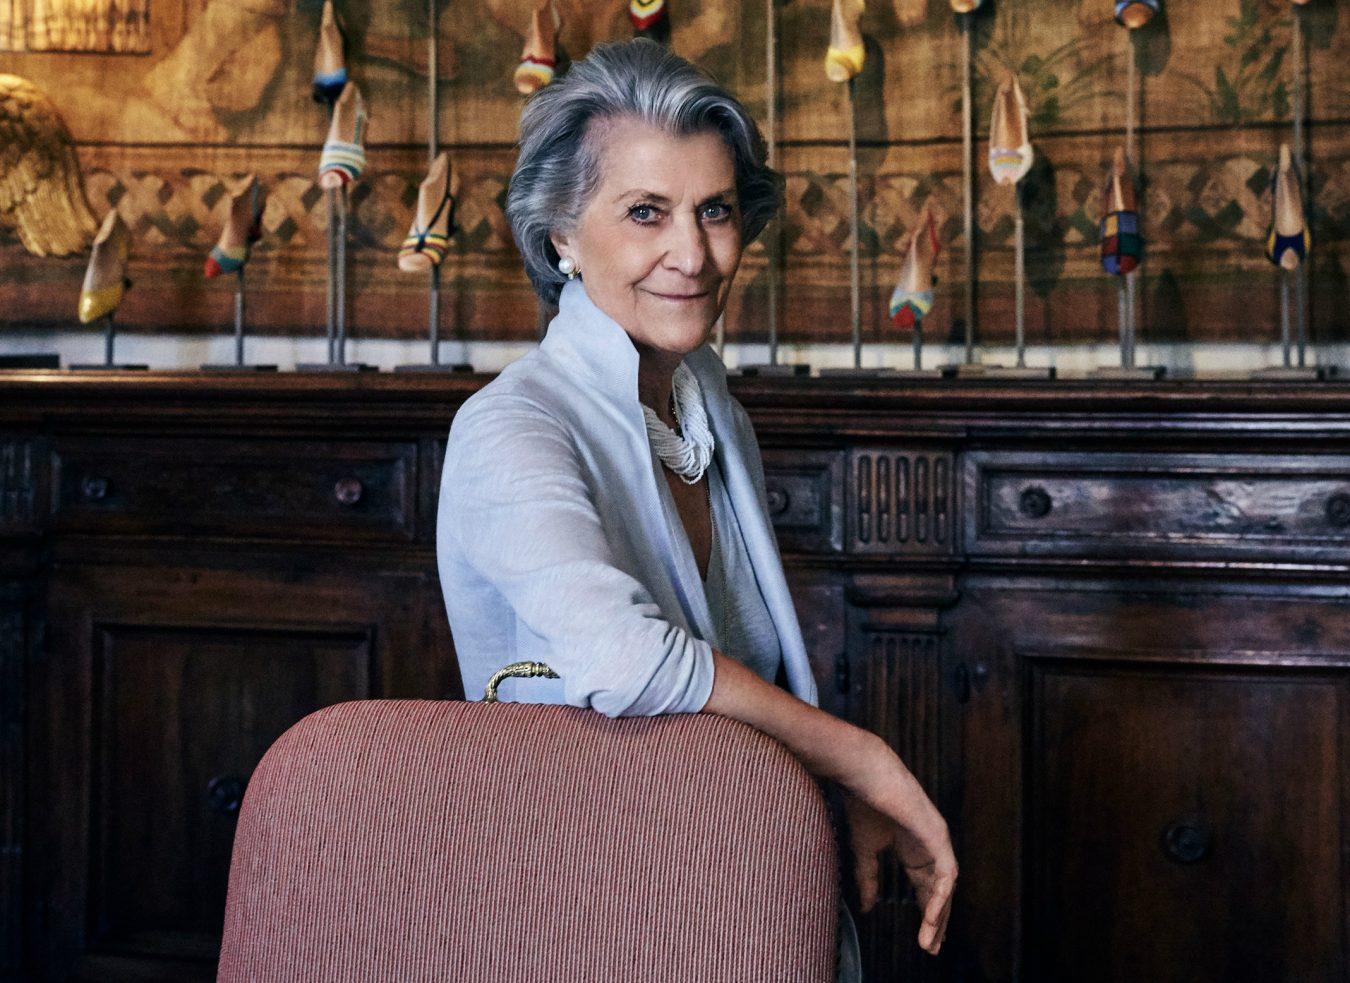 Giovanna Gentile Ferragamo